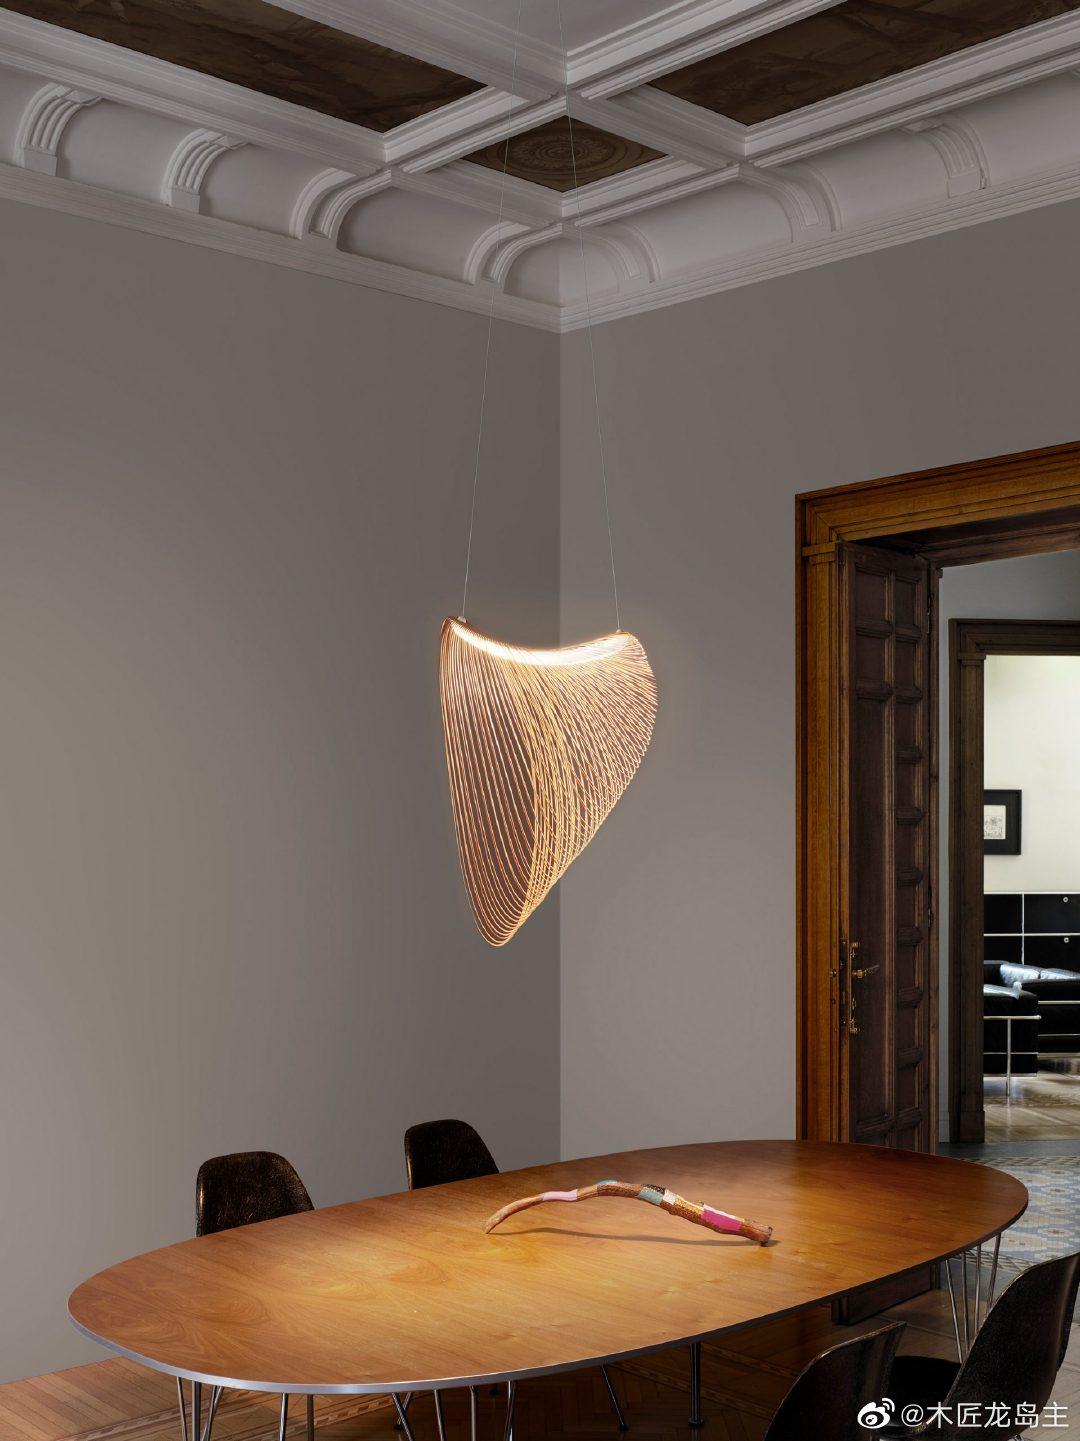 匈牙利设计师Zsuzsanna Horvath使用激光切割的桦木胶合板为意大利照